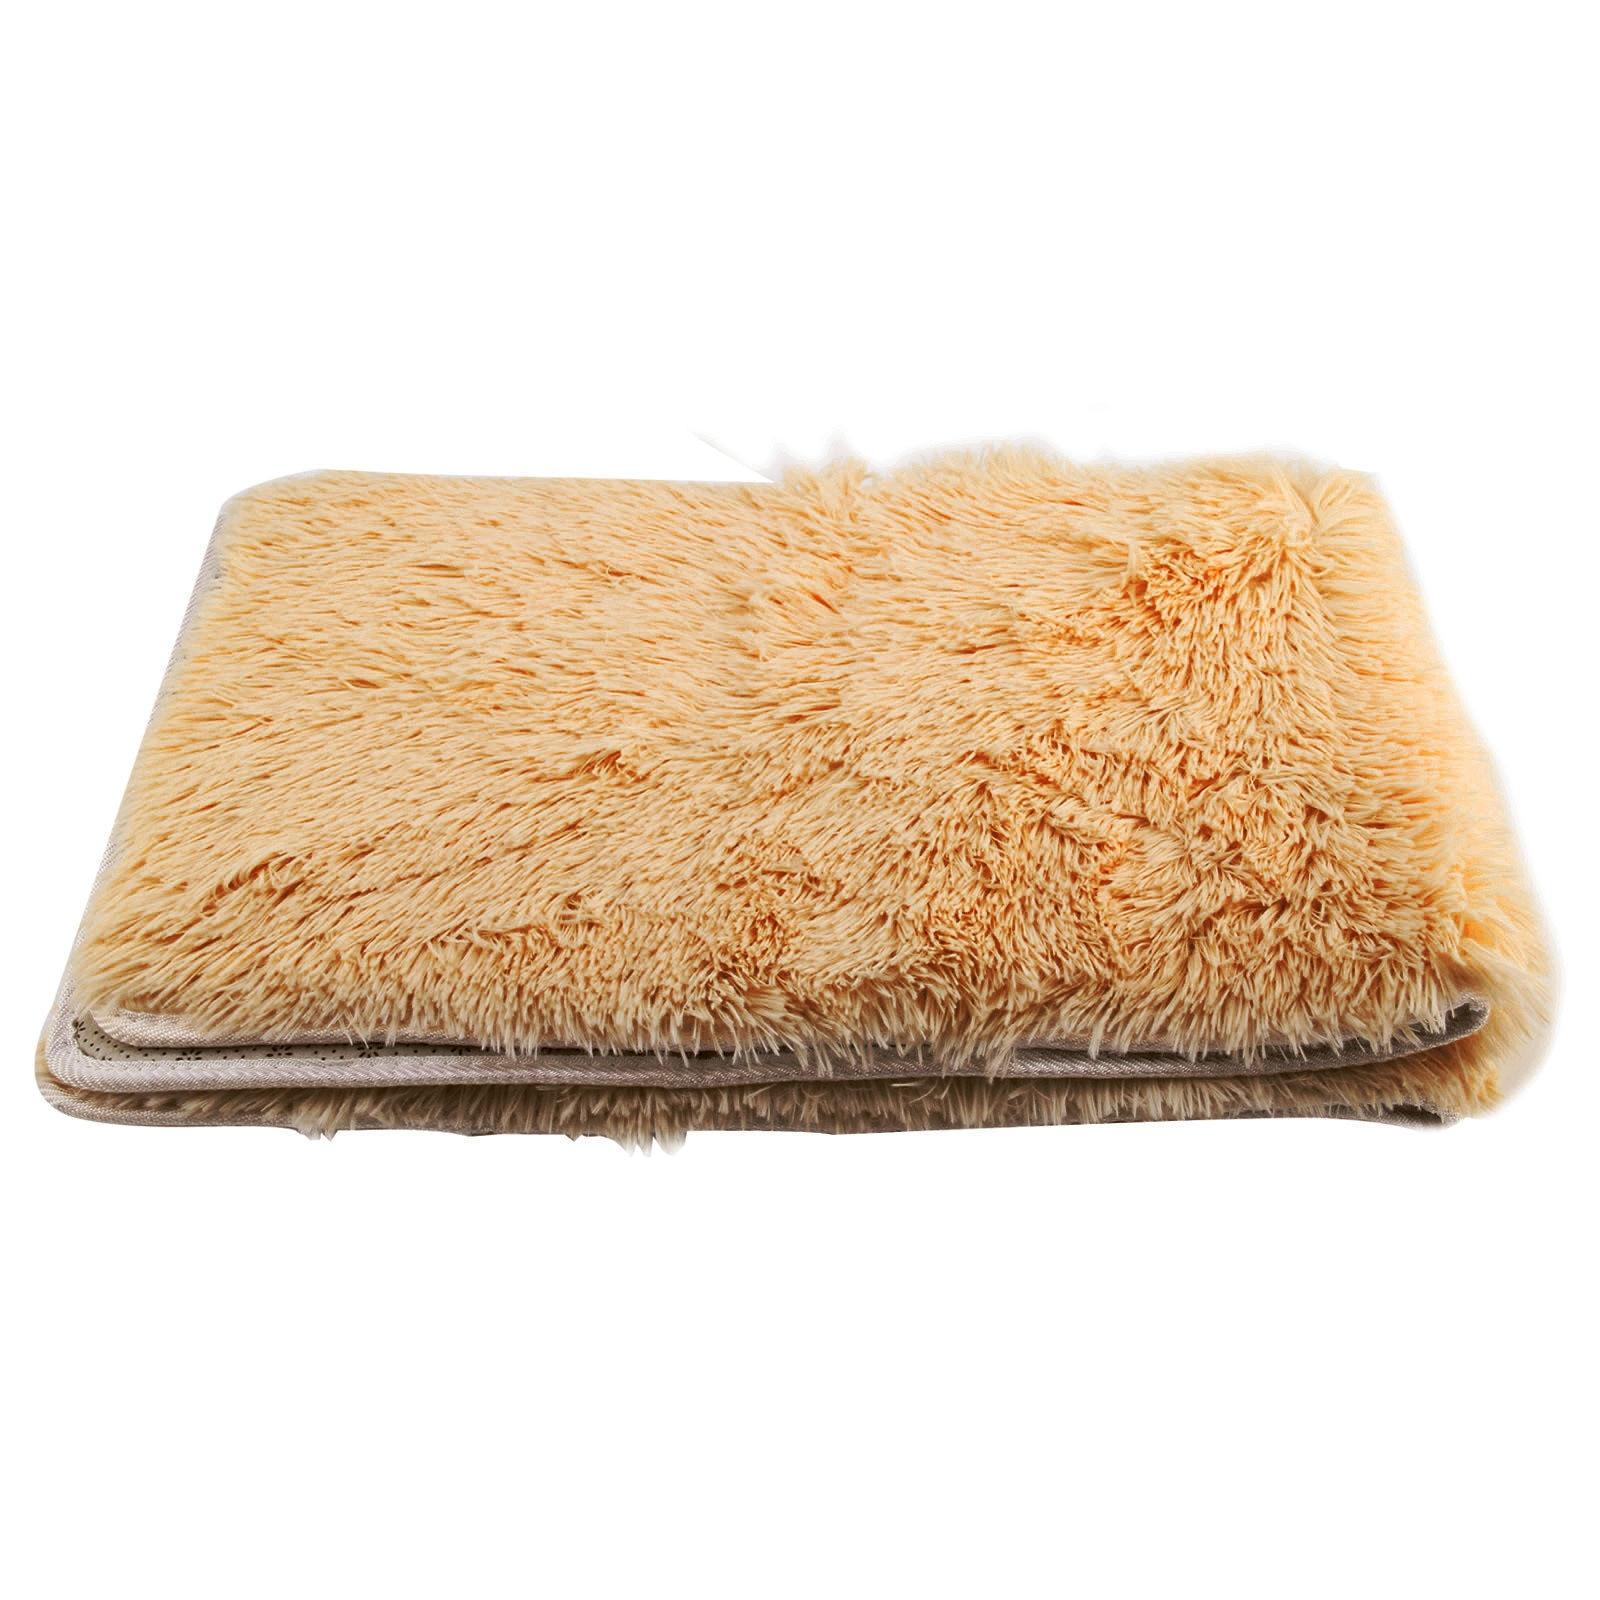 Alfombra de área peluda mullida antideslizante rosa, alfombra de Yoga, Alfombra de dormitorio, Alfombra de comedor, Alfombra de piso textiles para el hogar